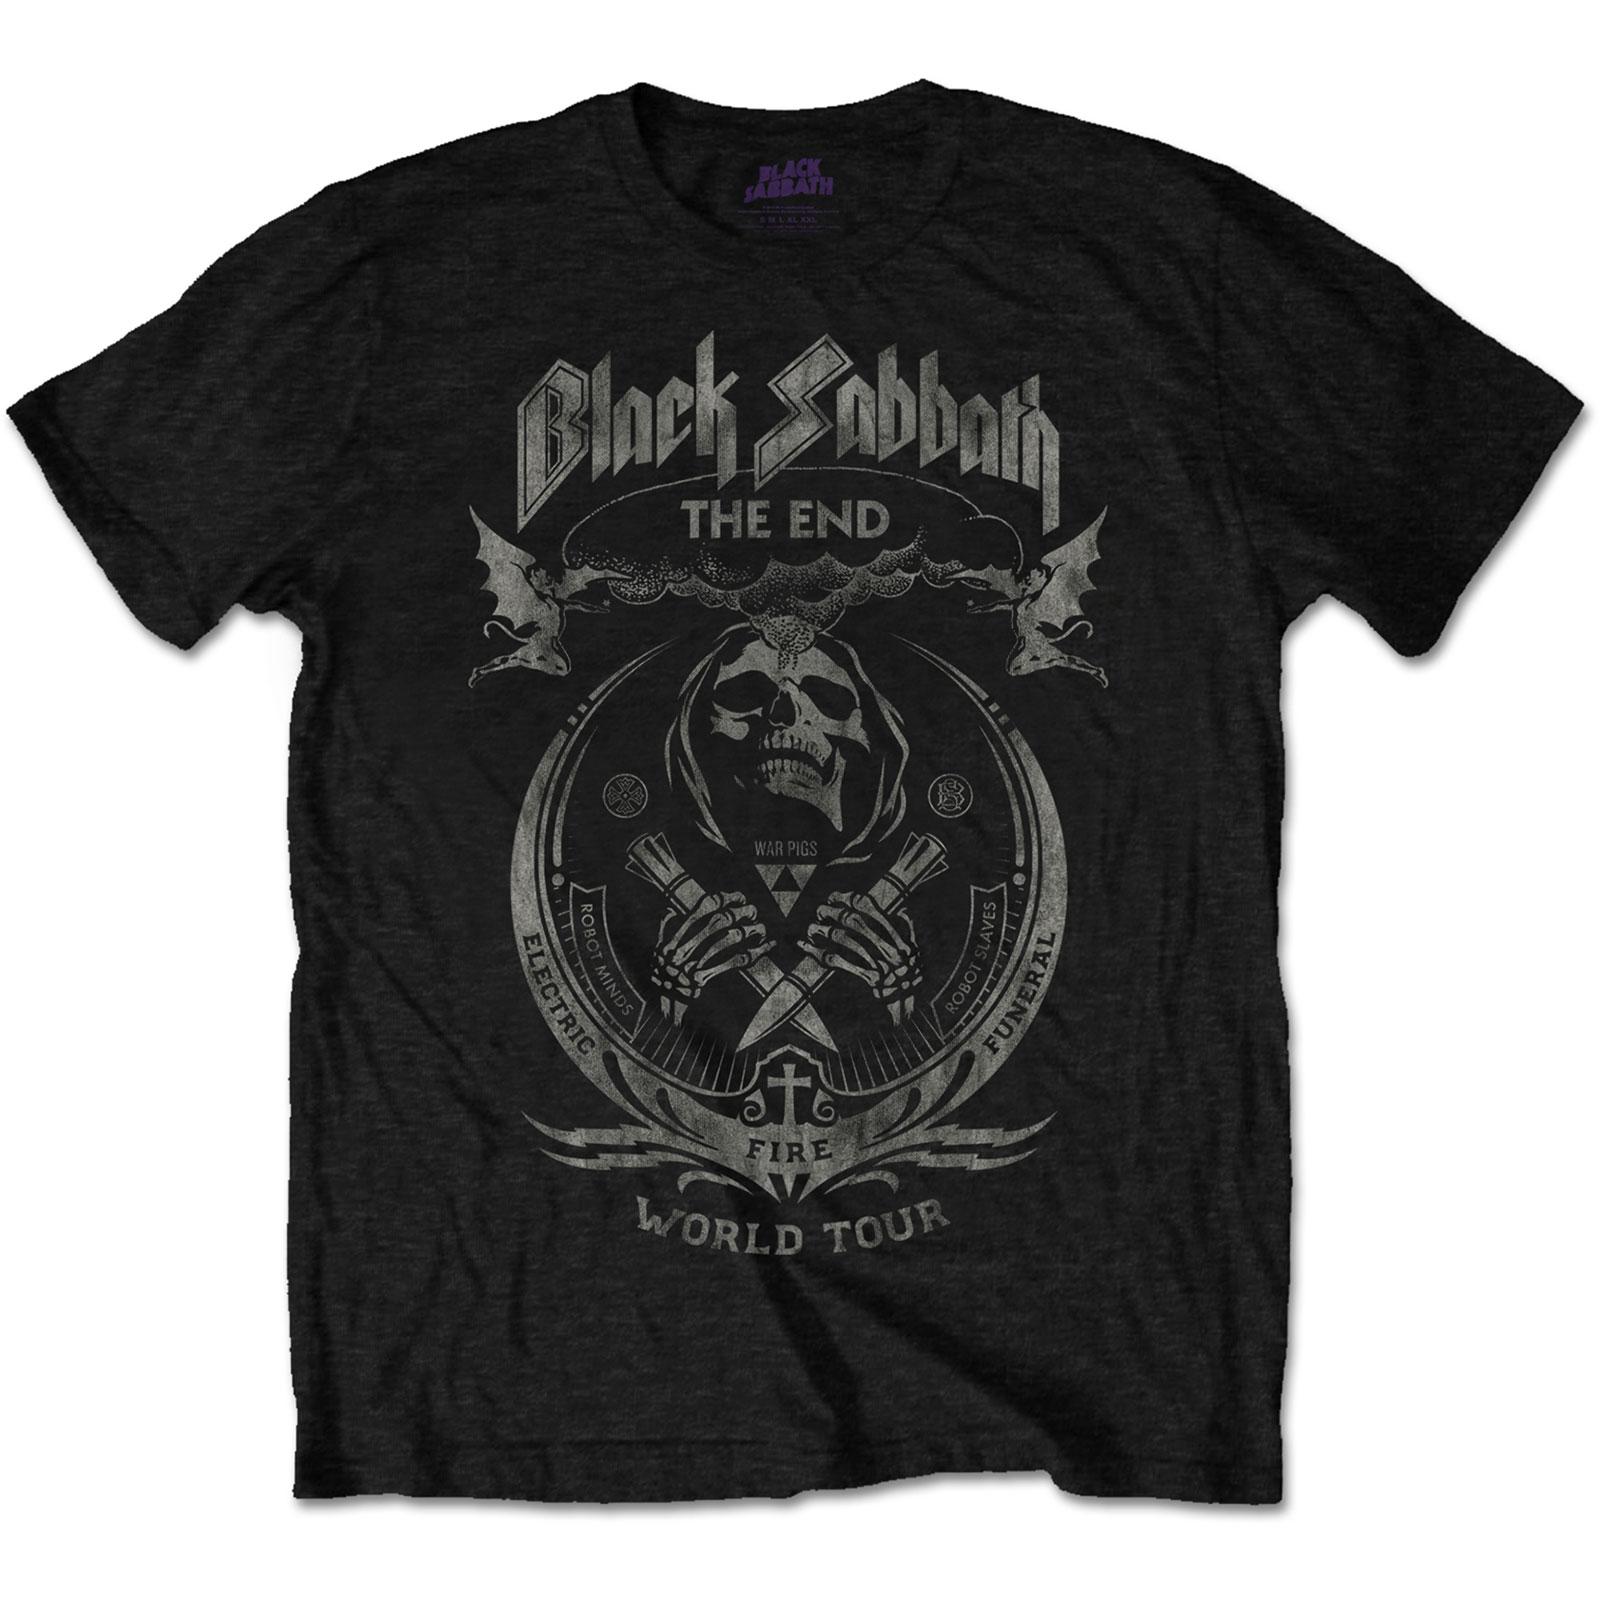 Black Sabbath Unisex Tee: The End Mushroom Cloud (Distressed) - Black Sabbath - Merchandise - MERCHANDISE - 5055979988090 -